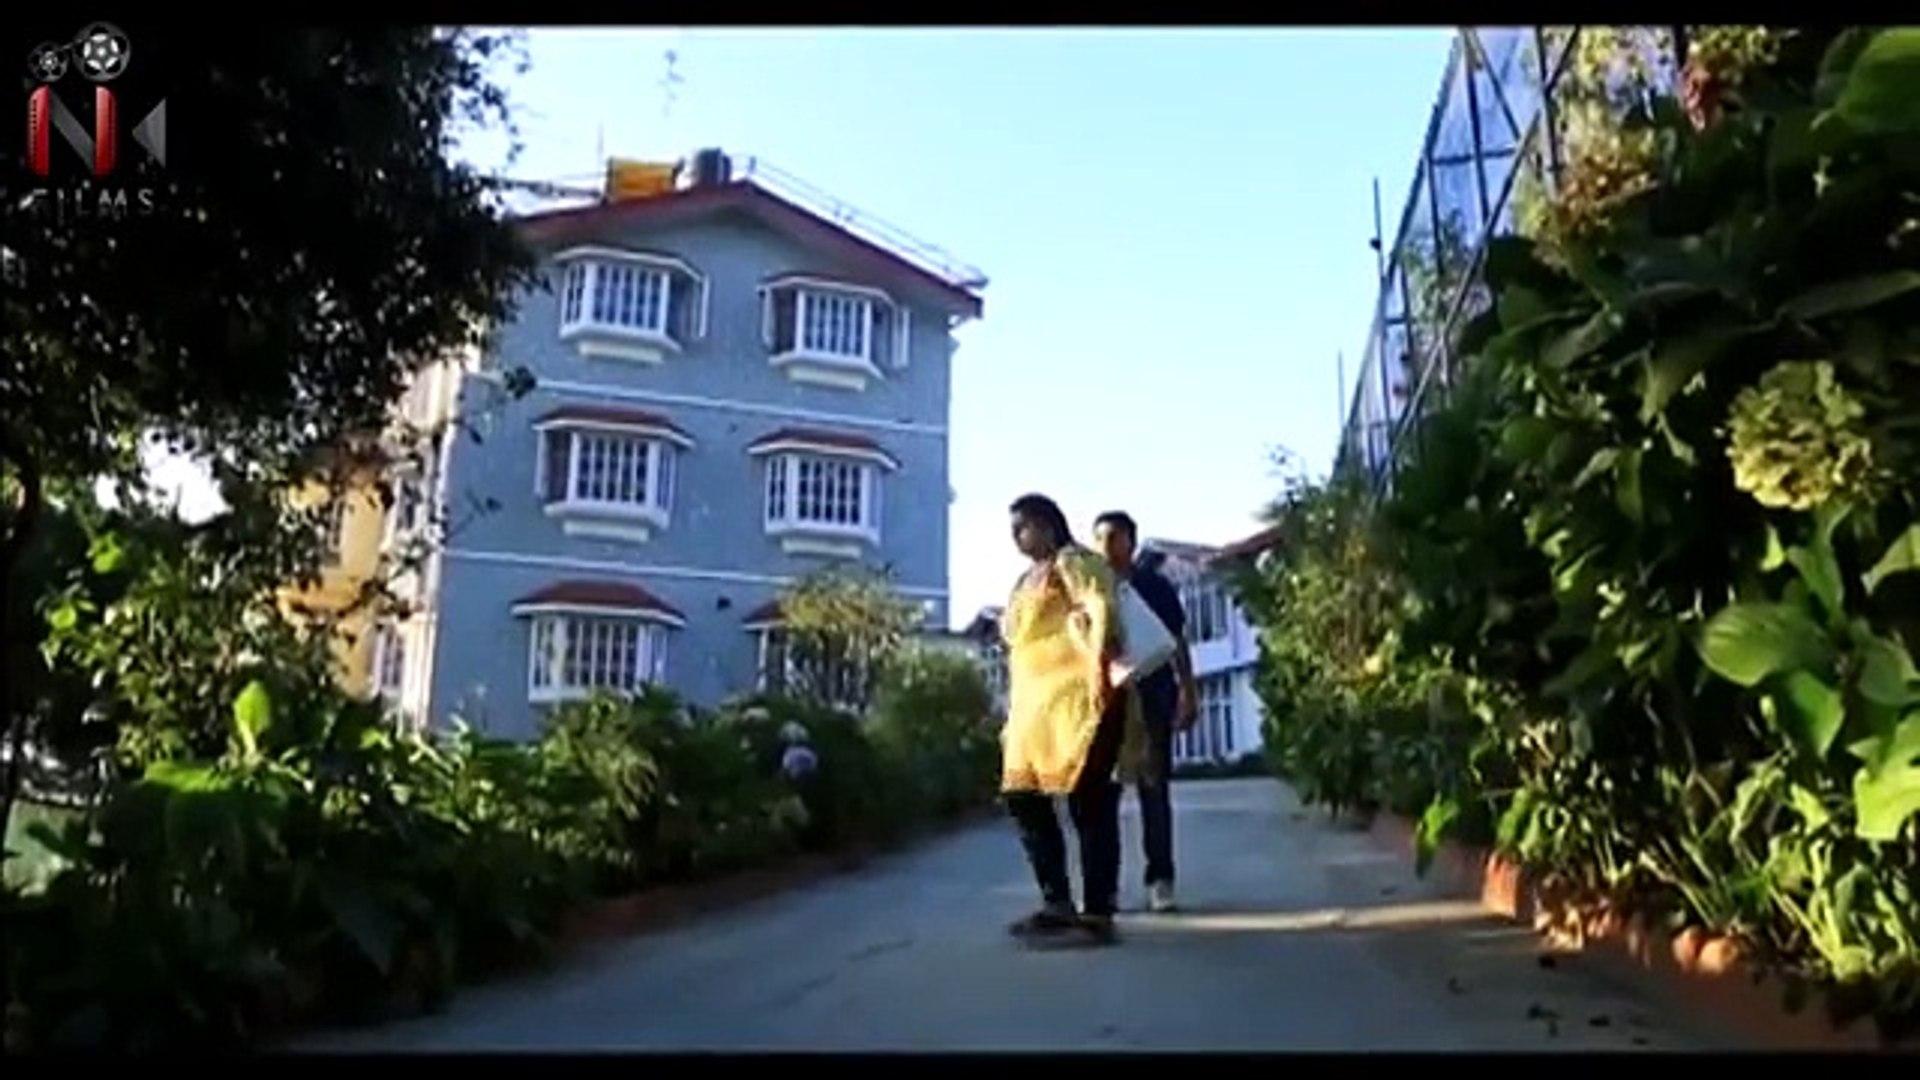 School Hostel Ka Sexy Pyaar - School Romantic Love Story - True School Boy Girl Love Story